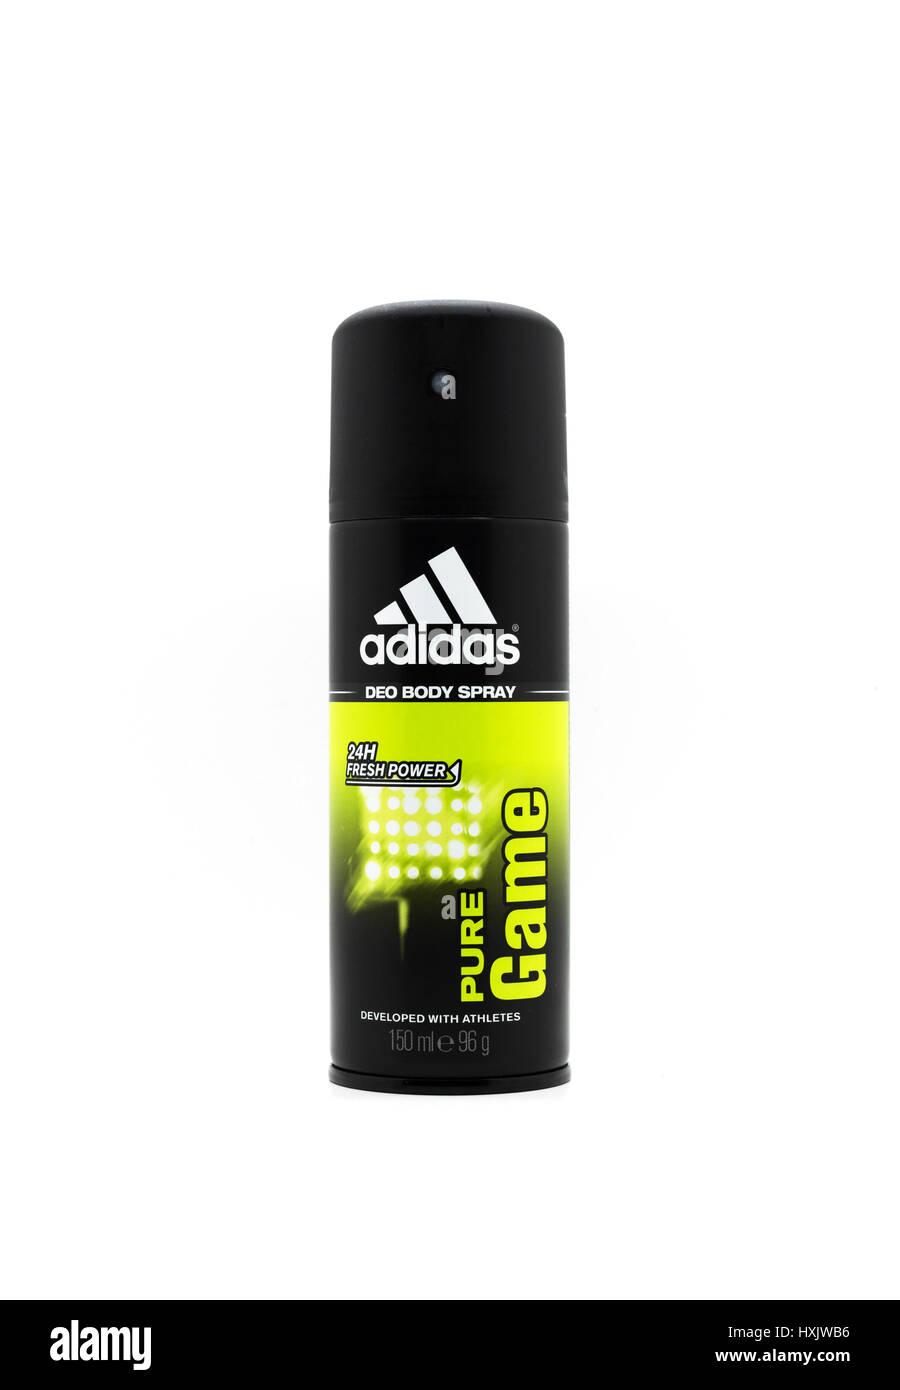 Adidas Deodorante Spray corpo Immagini Stock